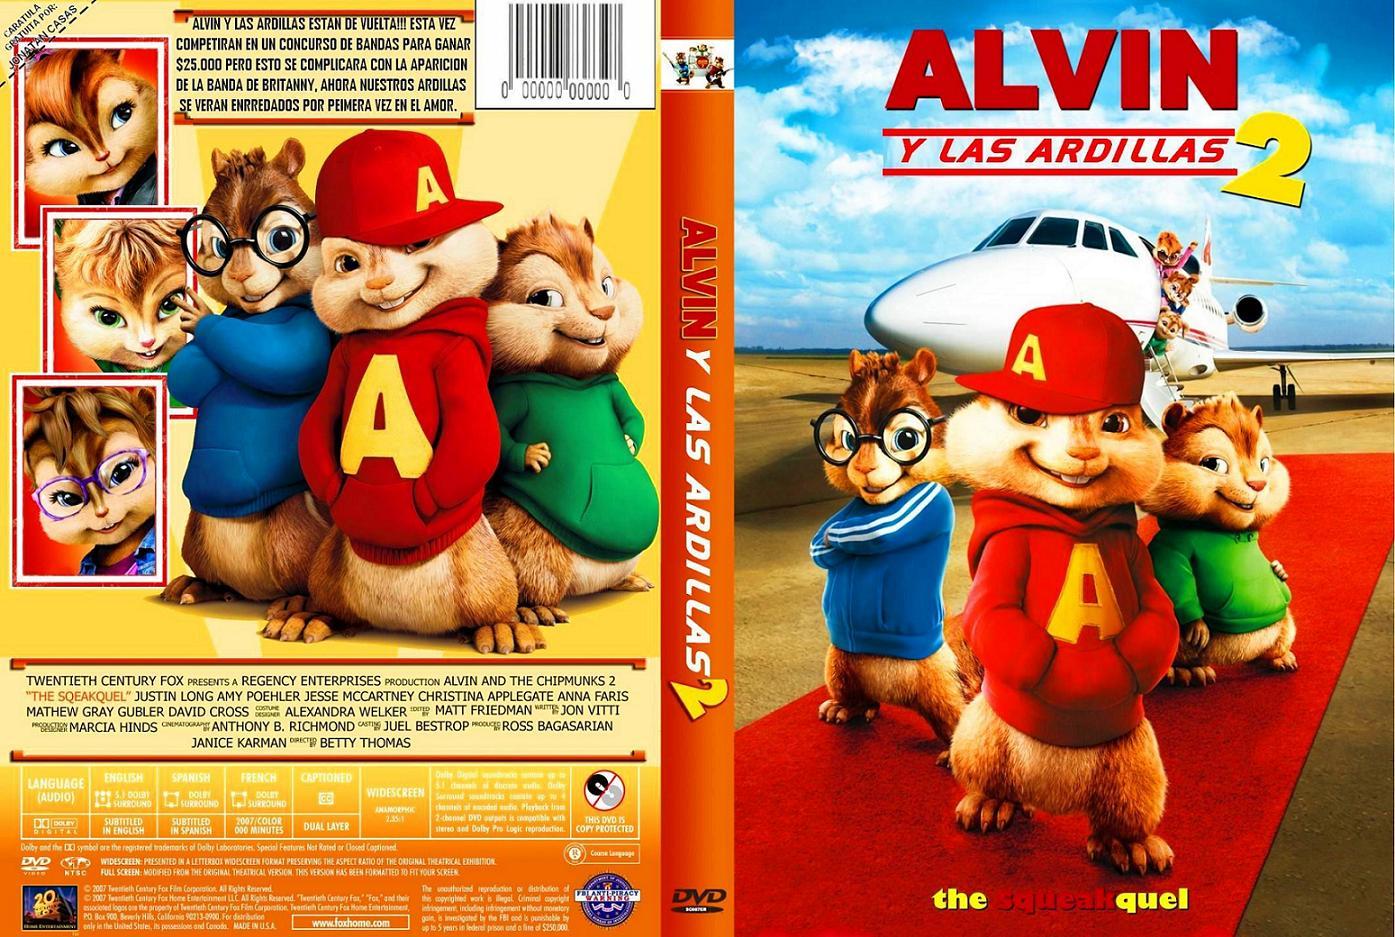 Cany alvin y las ardillas 2 for Alvin y las ardillas